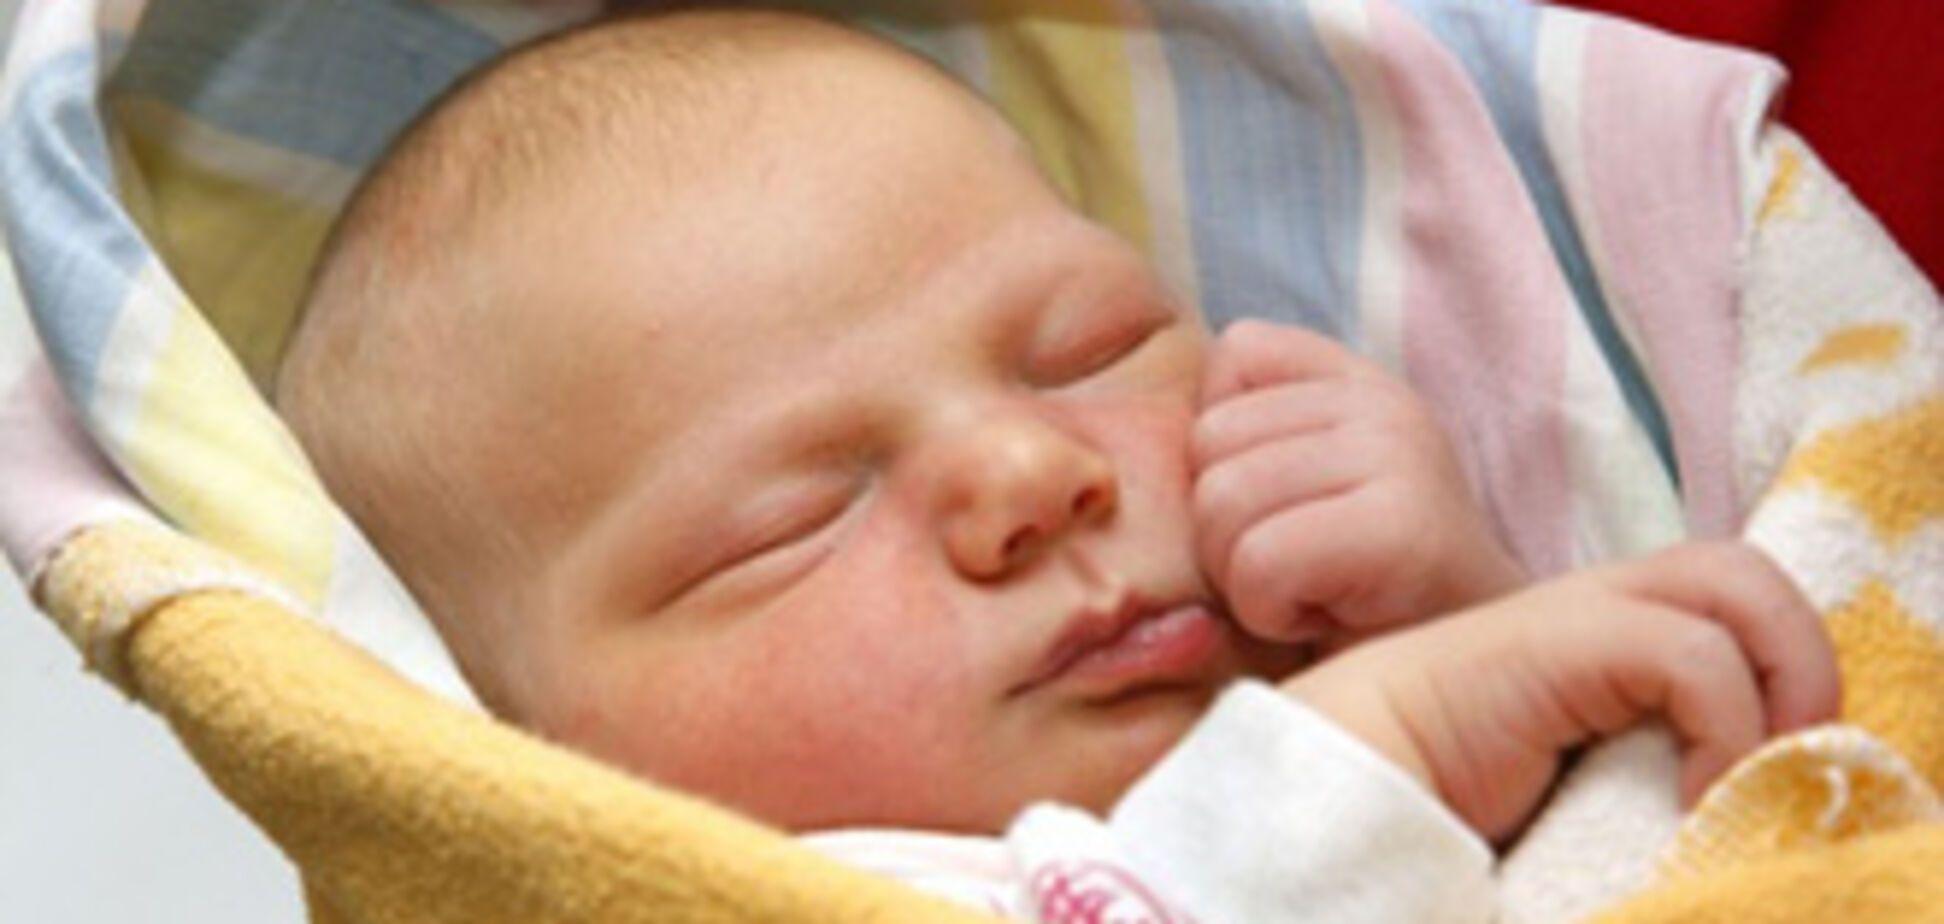 Багатодітна мати вбила новонароджену доньку